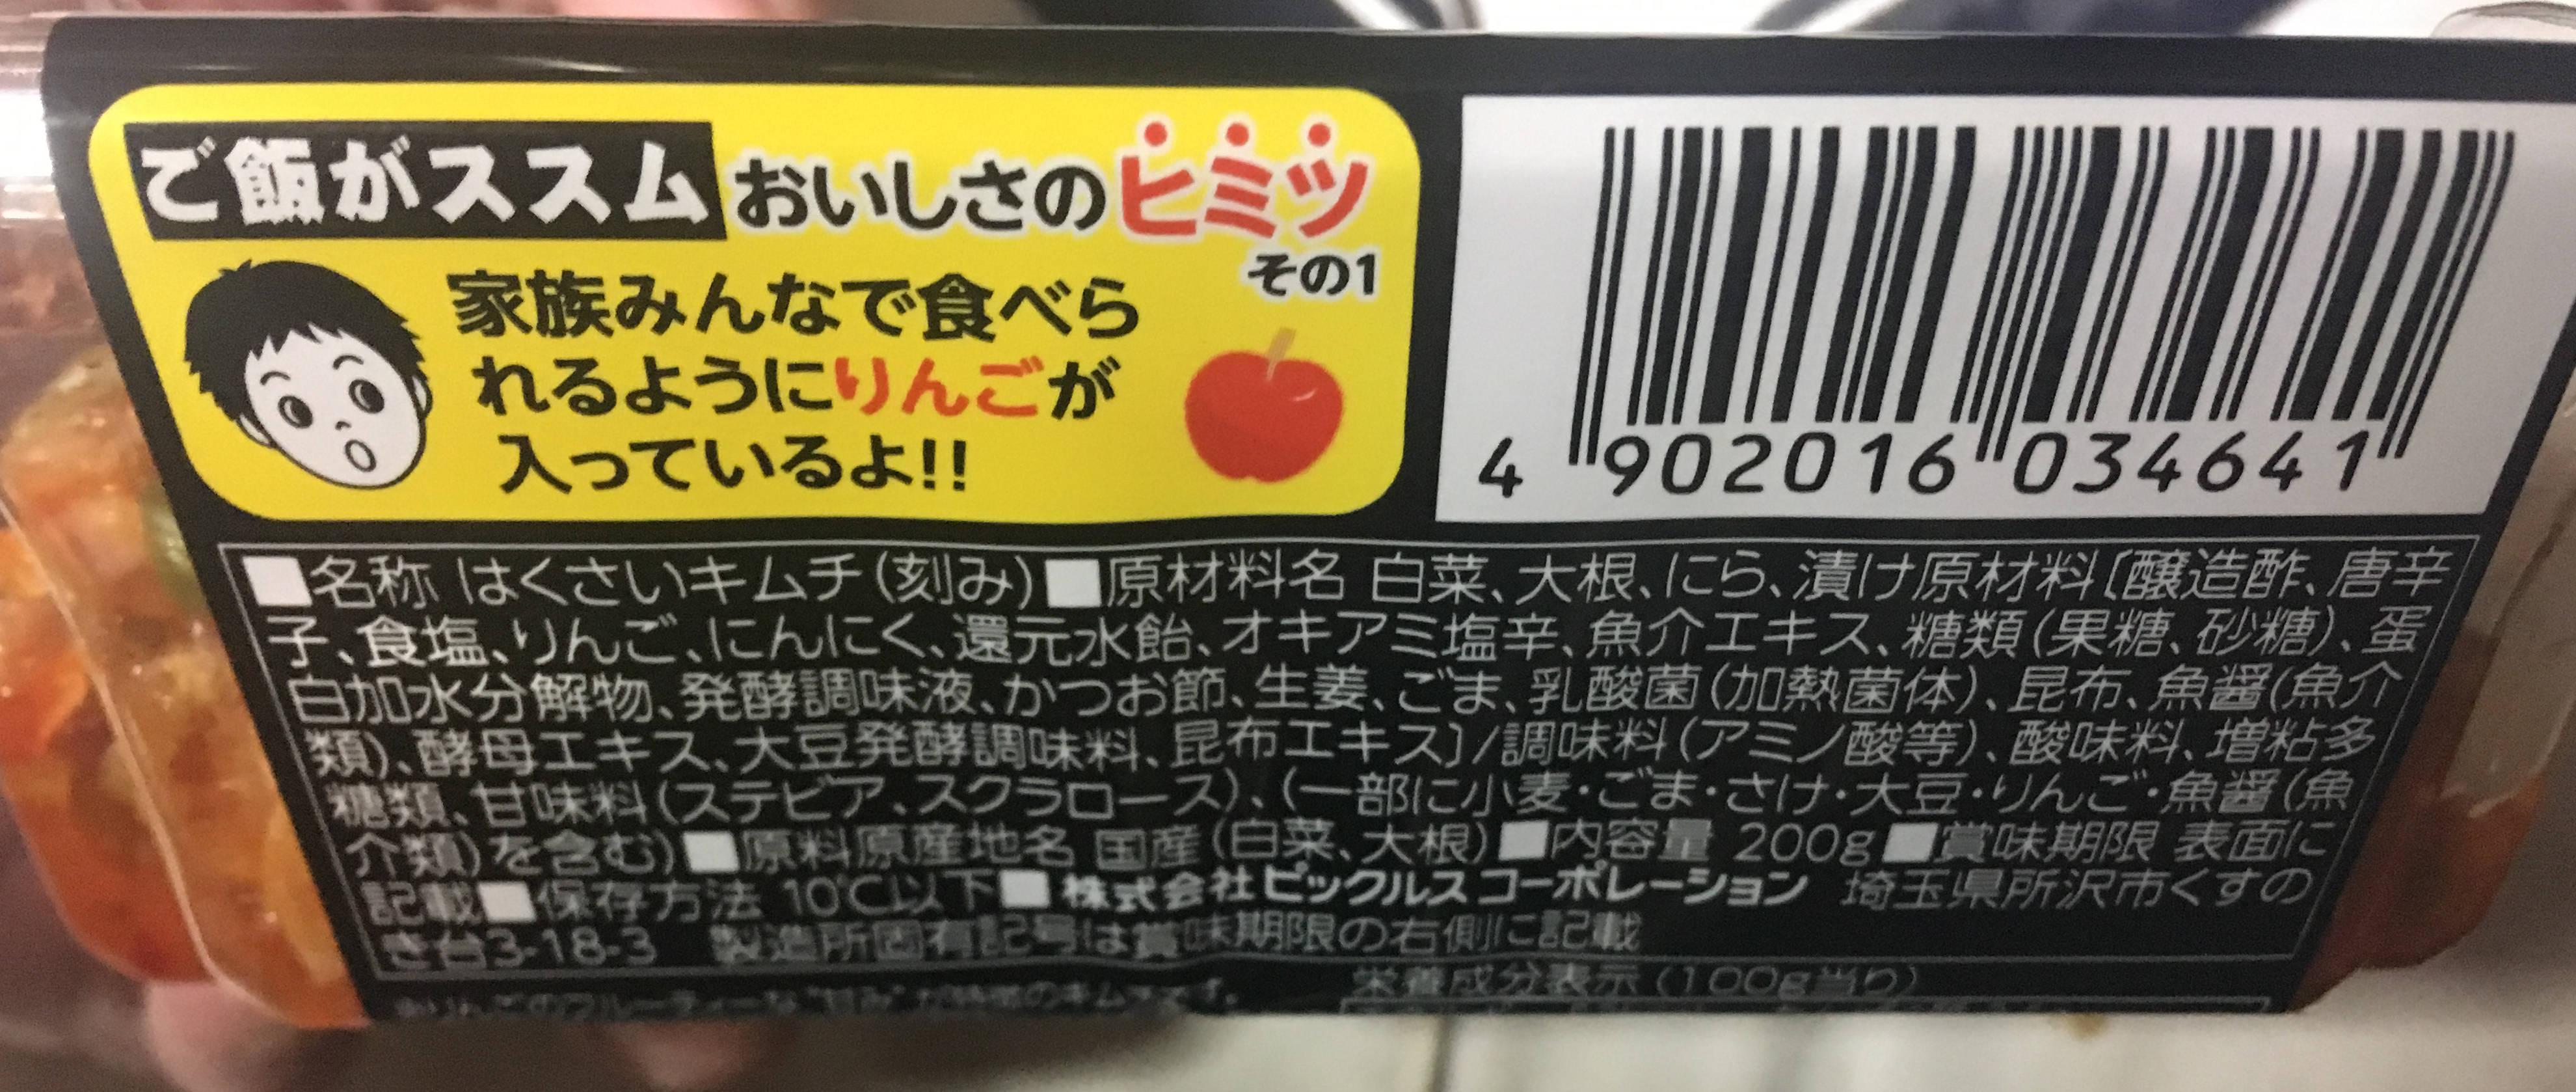 原材料表示:ご飯がススムキムチ